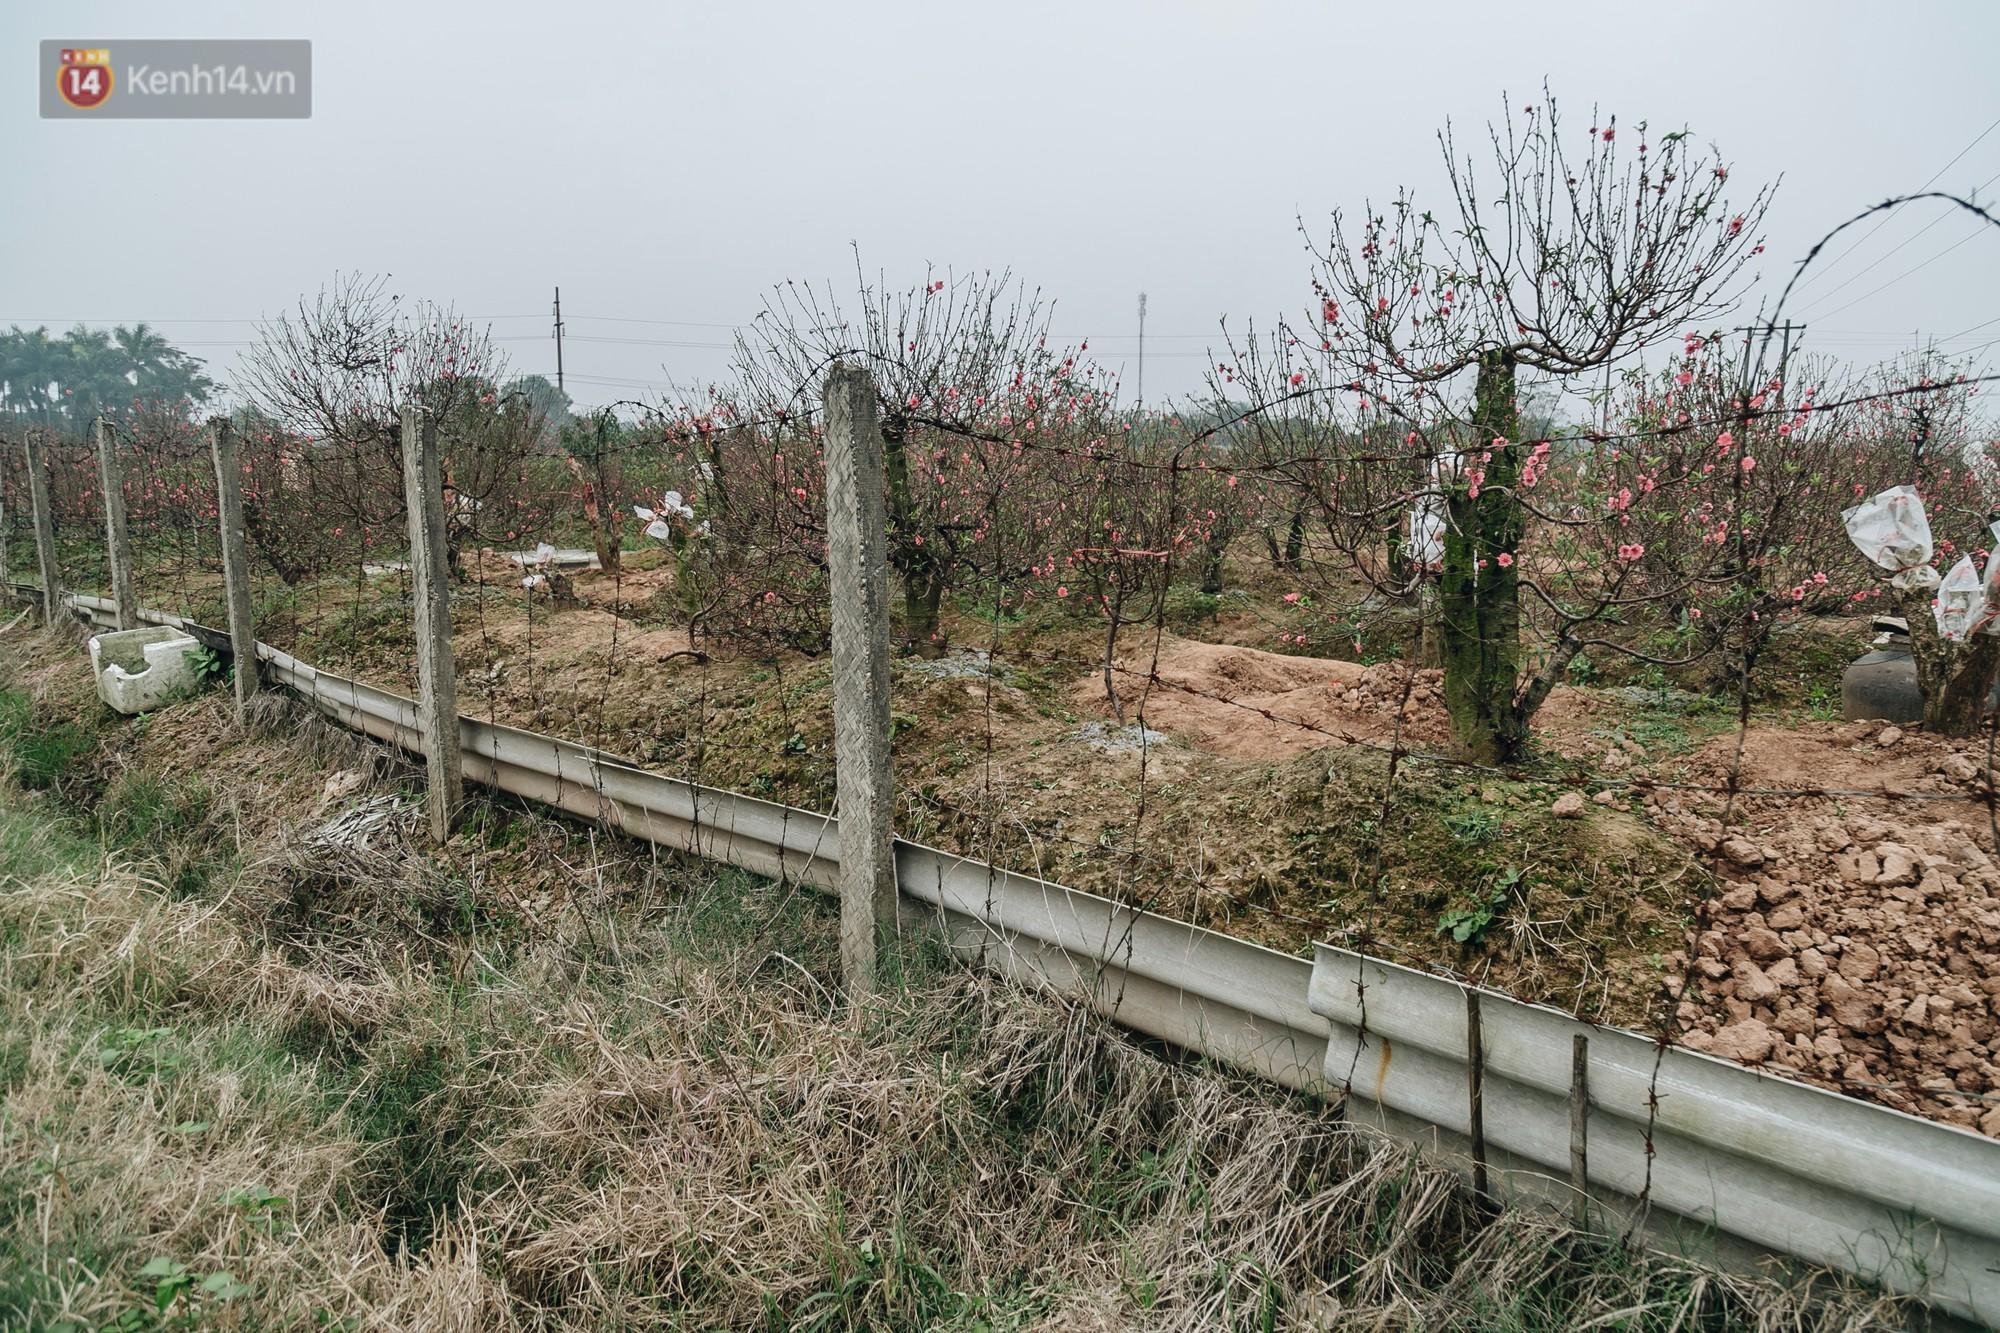 Gần 200 gốc đào của người dân Bắc Ninh bị chặt phá trong đêm: Tết năm nay còn chả có bánh chưng mà ăn - Ảnh 7.